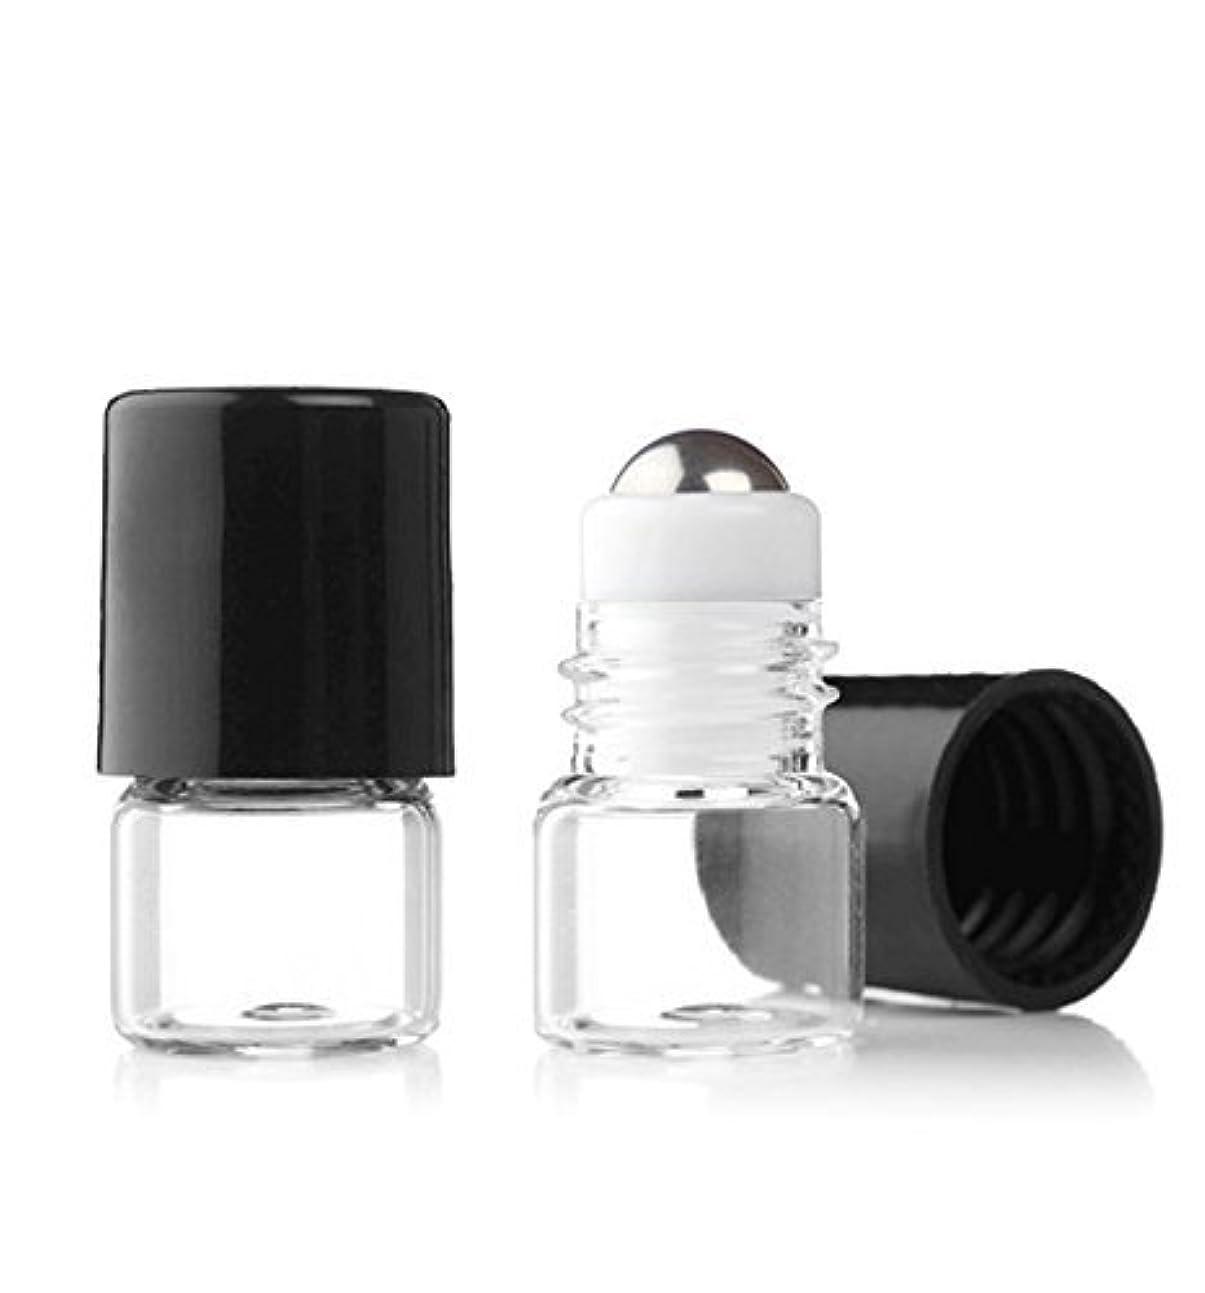 読み書きのできないそのようなスタッフGrand Parfums Empty 1ml Micro Mini Rollon Dram Glass Bottles with Metal Roller Balls - Refillable Aromatherapy...